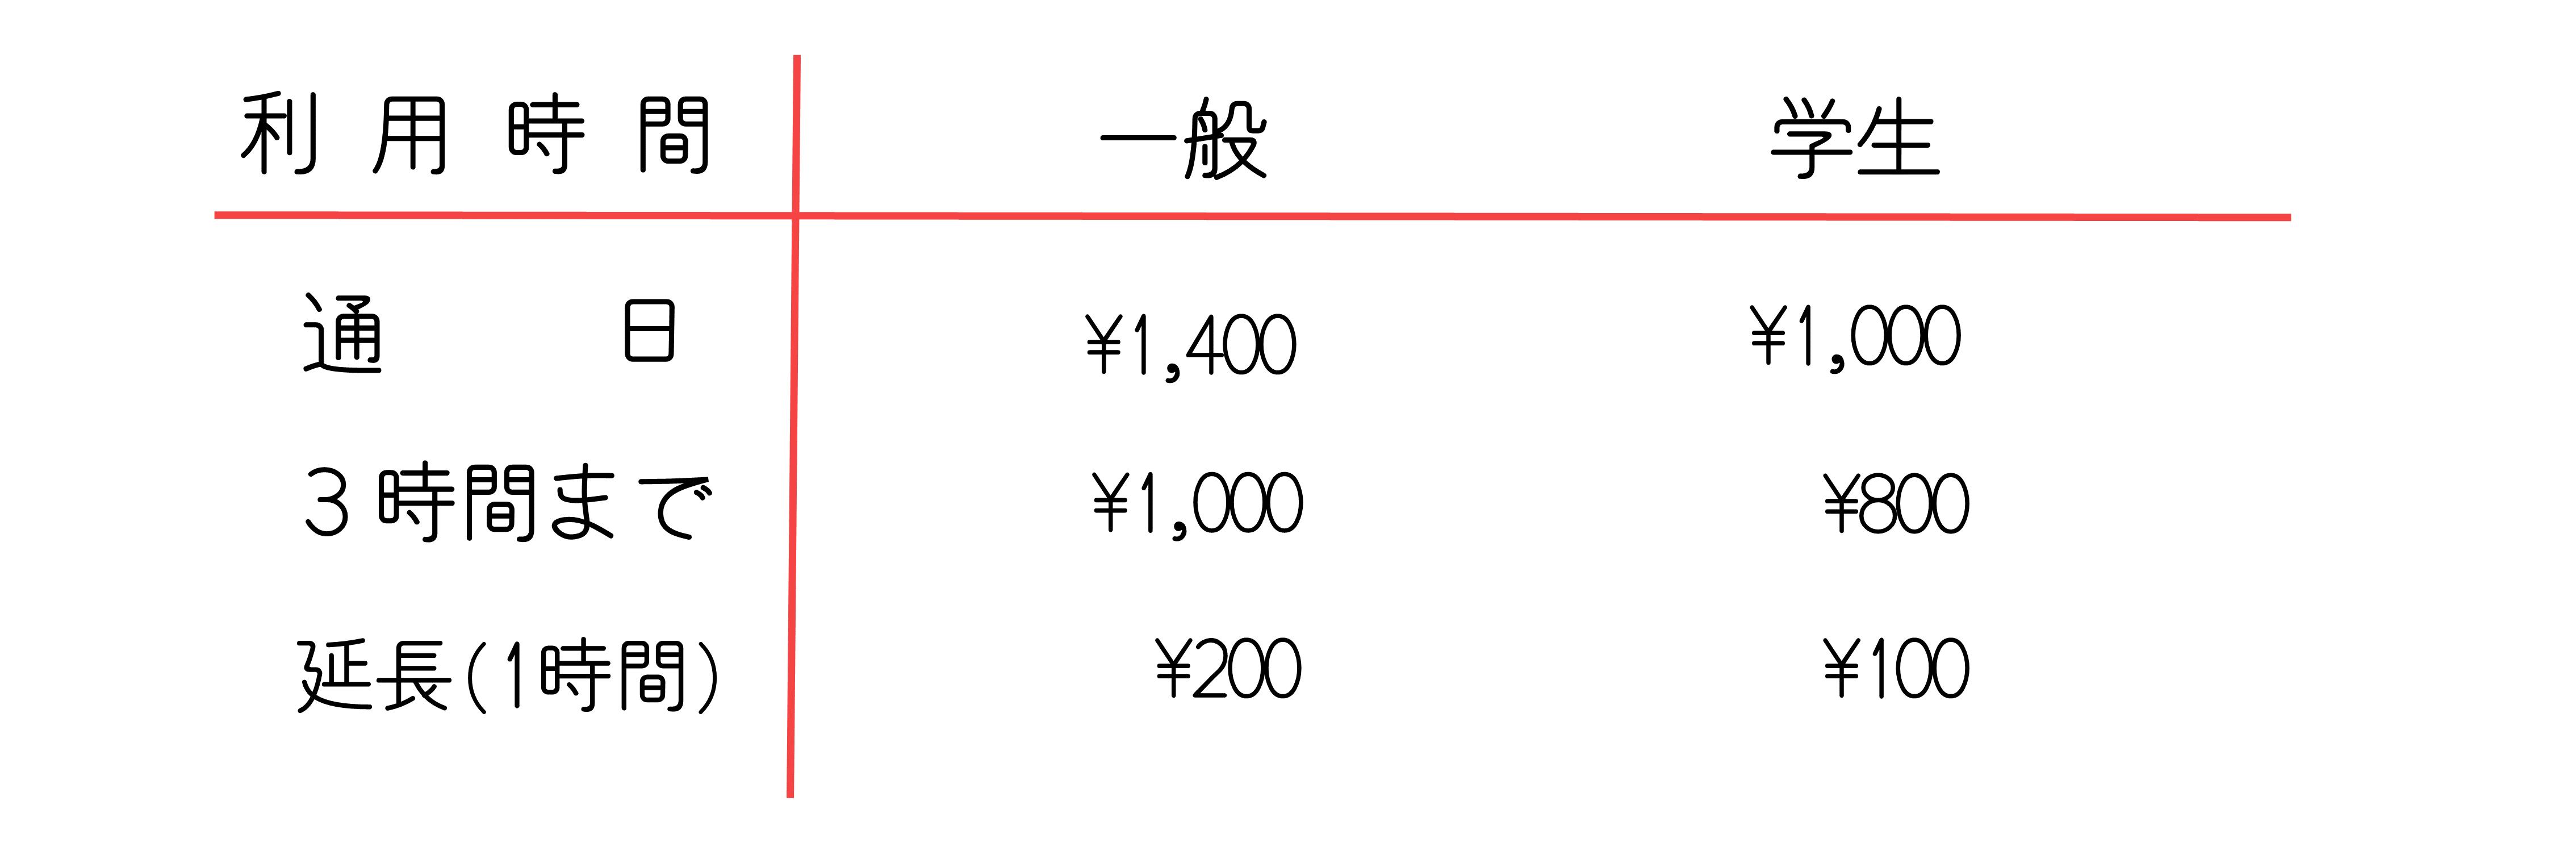 レディース料金